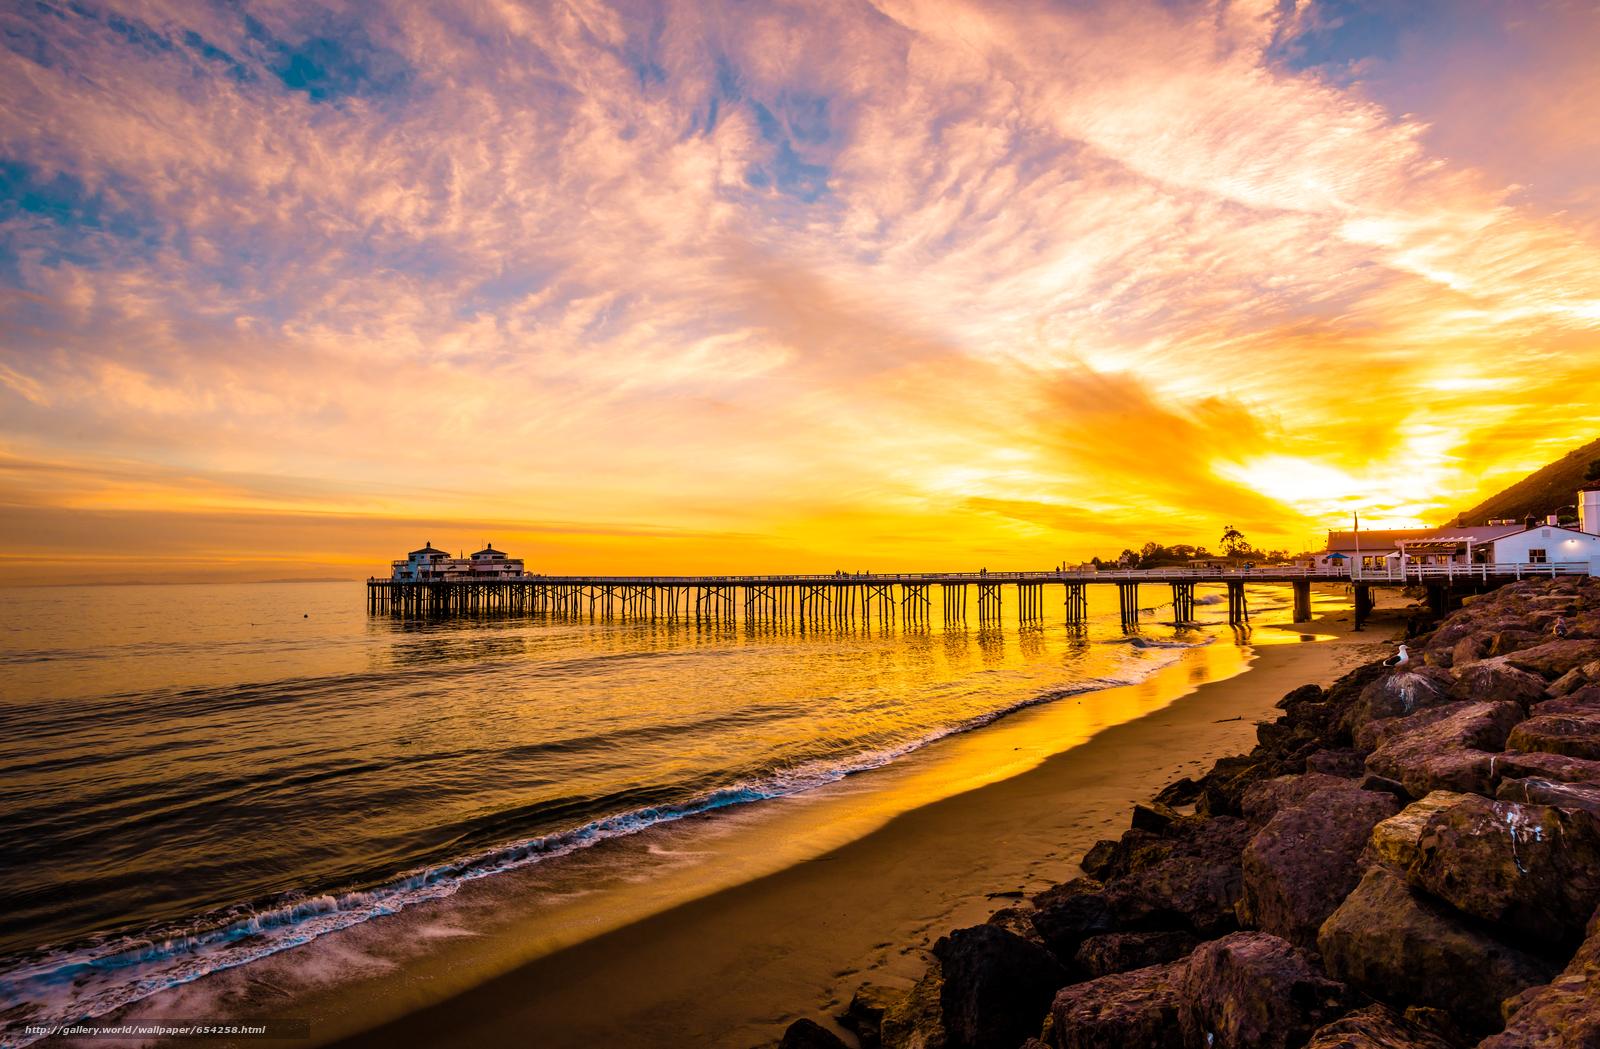 Скачать обои малибу,  море,  закат,  берег бесплатно для рабочего стола в разрешении 7265x4764 — картинка №654258